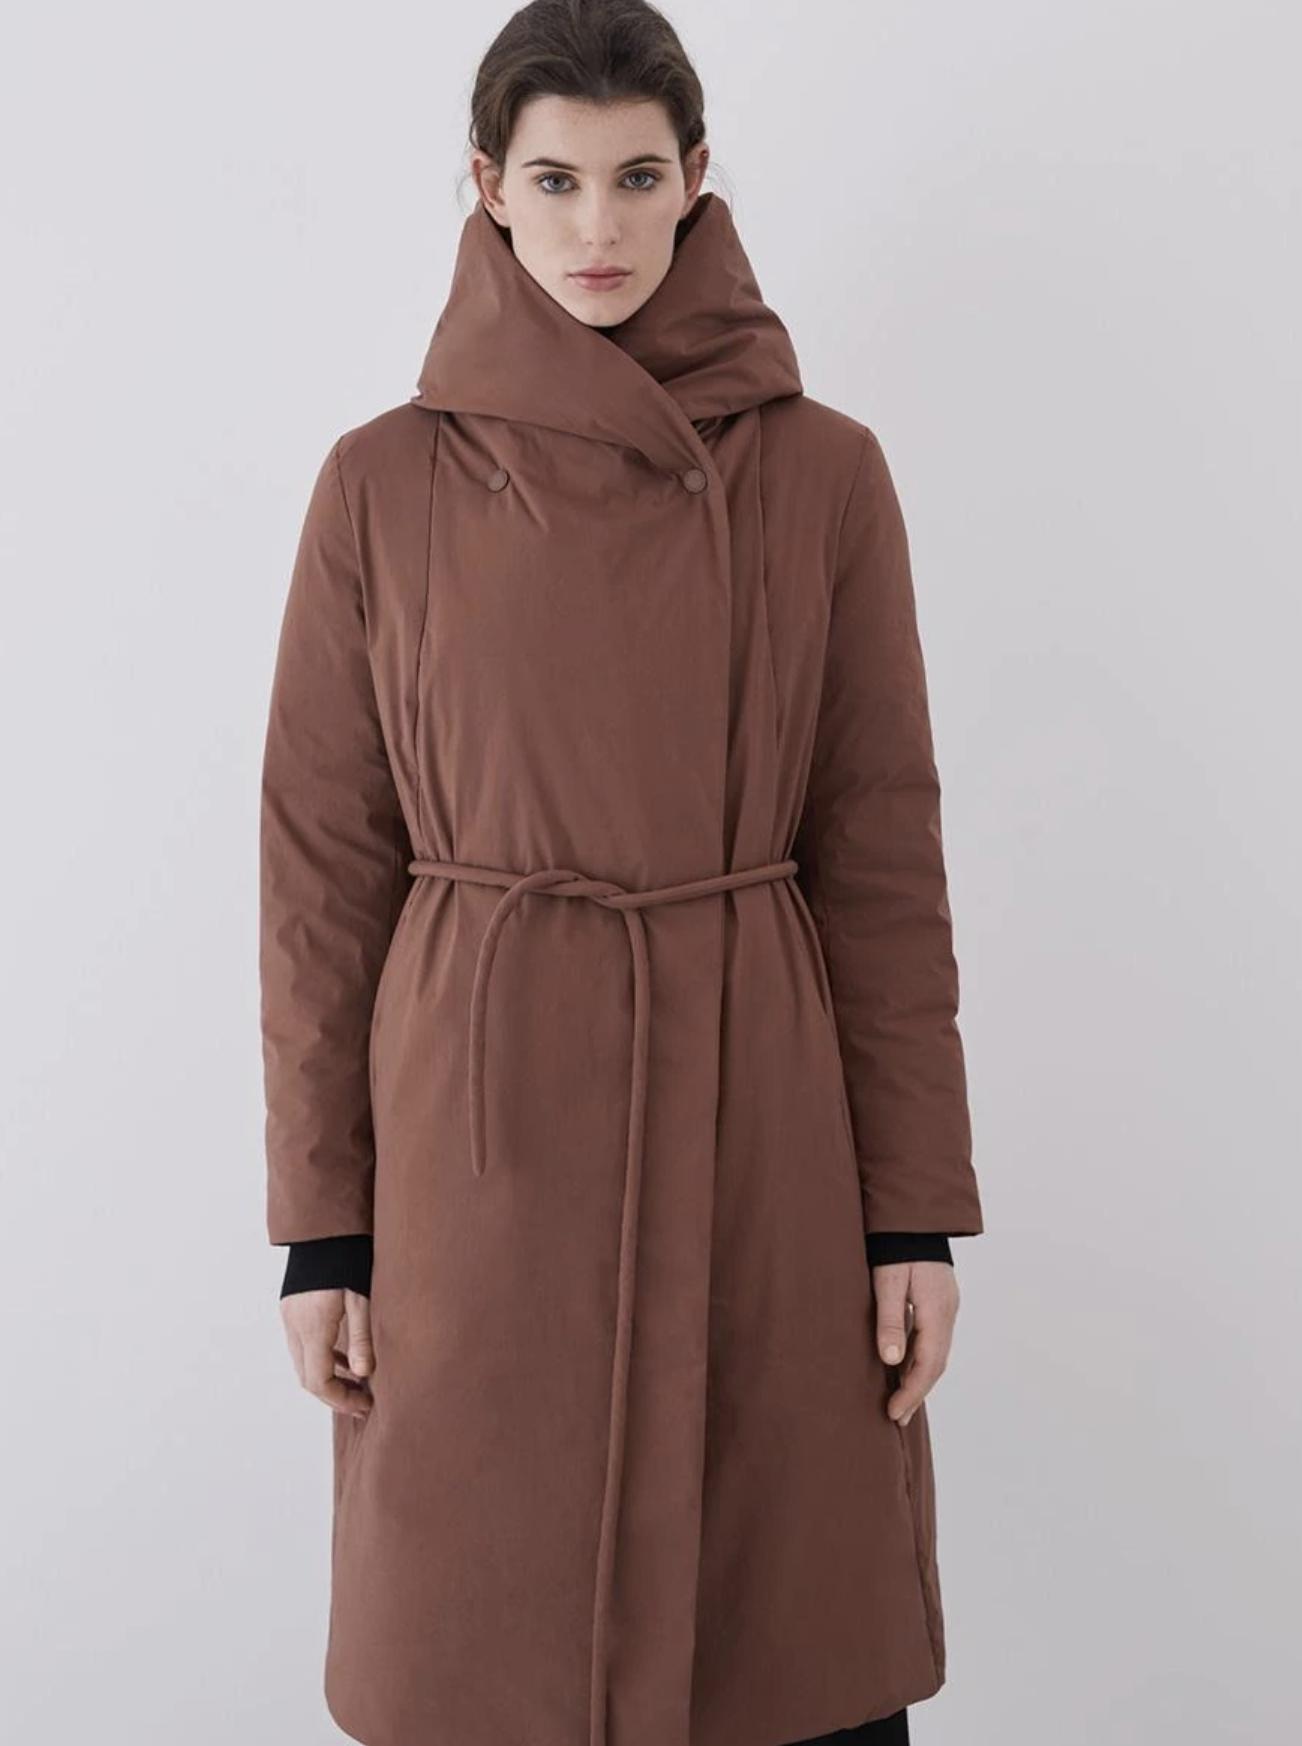 Plumífero de mujer largo con capucha en color marrón